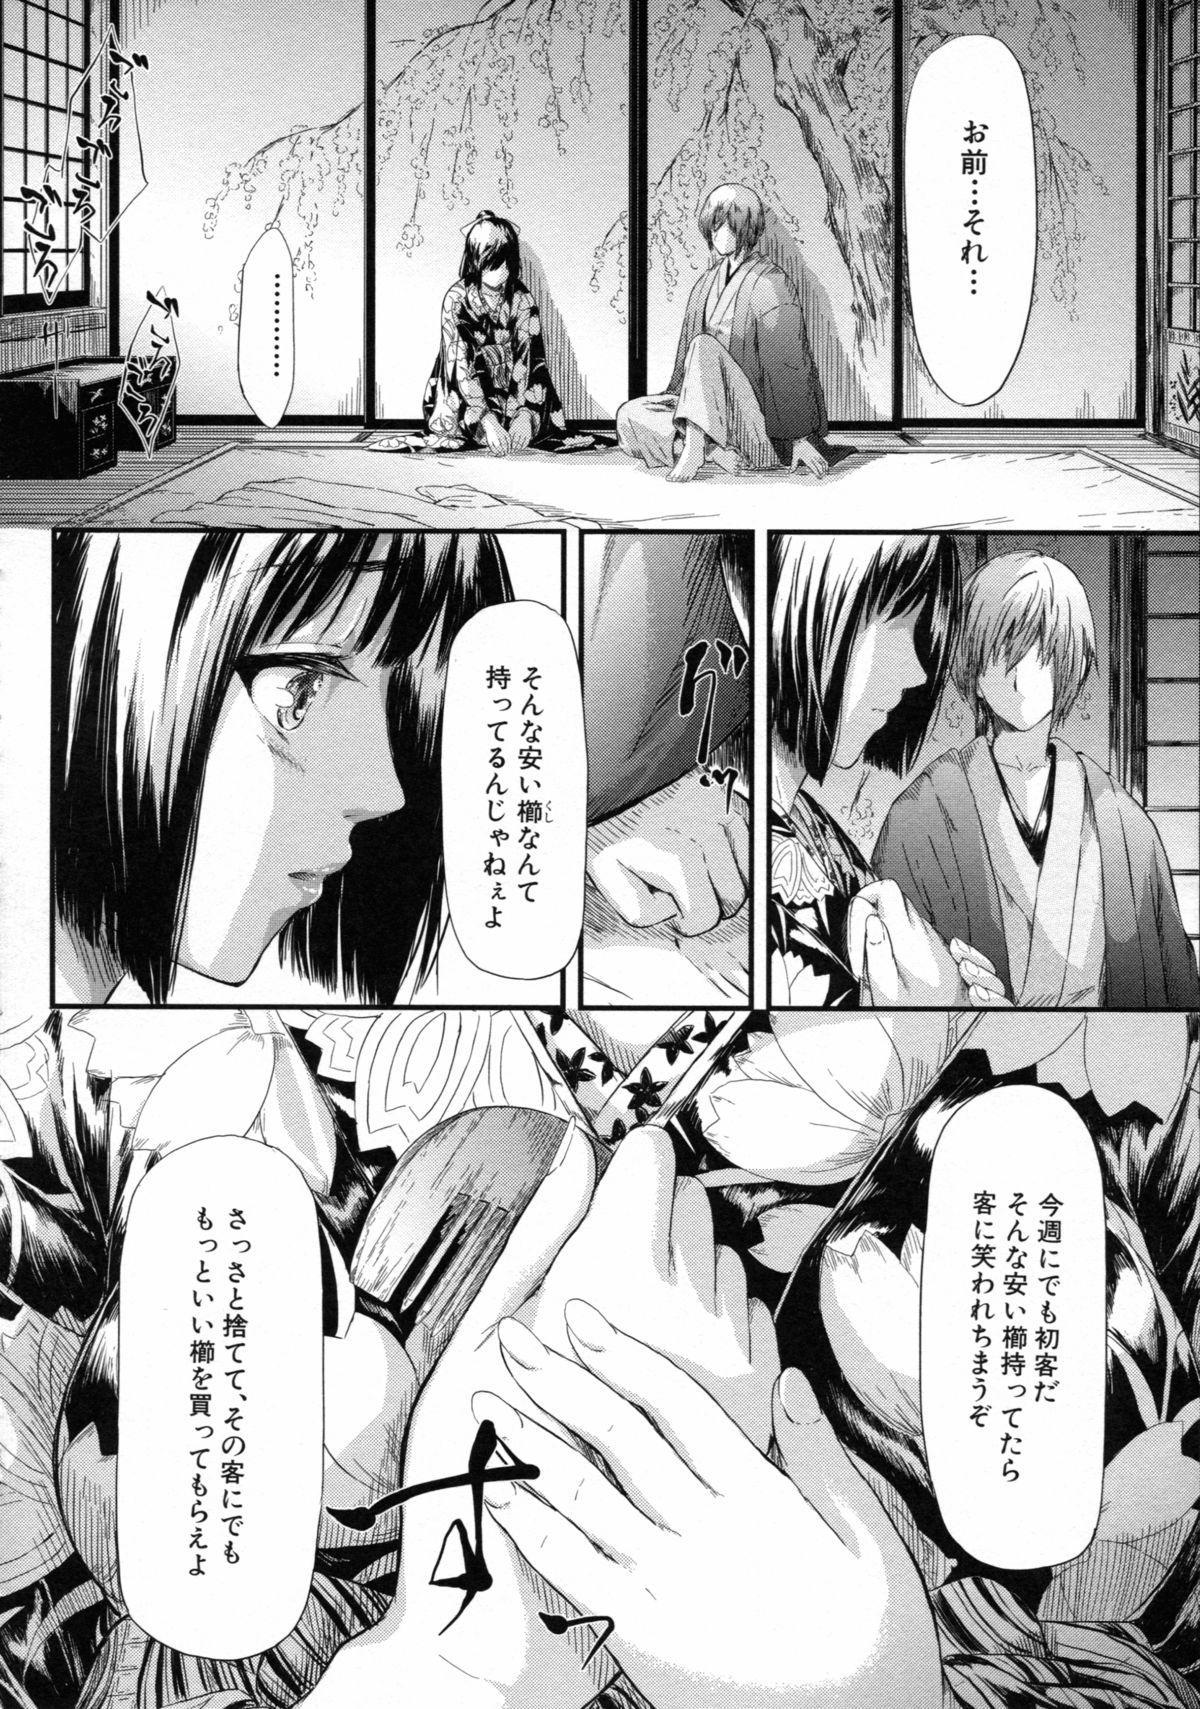 [Shiki Takuto] Tokoharu no Shoujo-tachi - The Girls in the Eternal Spring 103